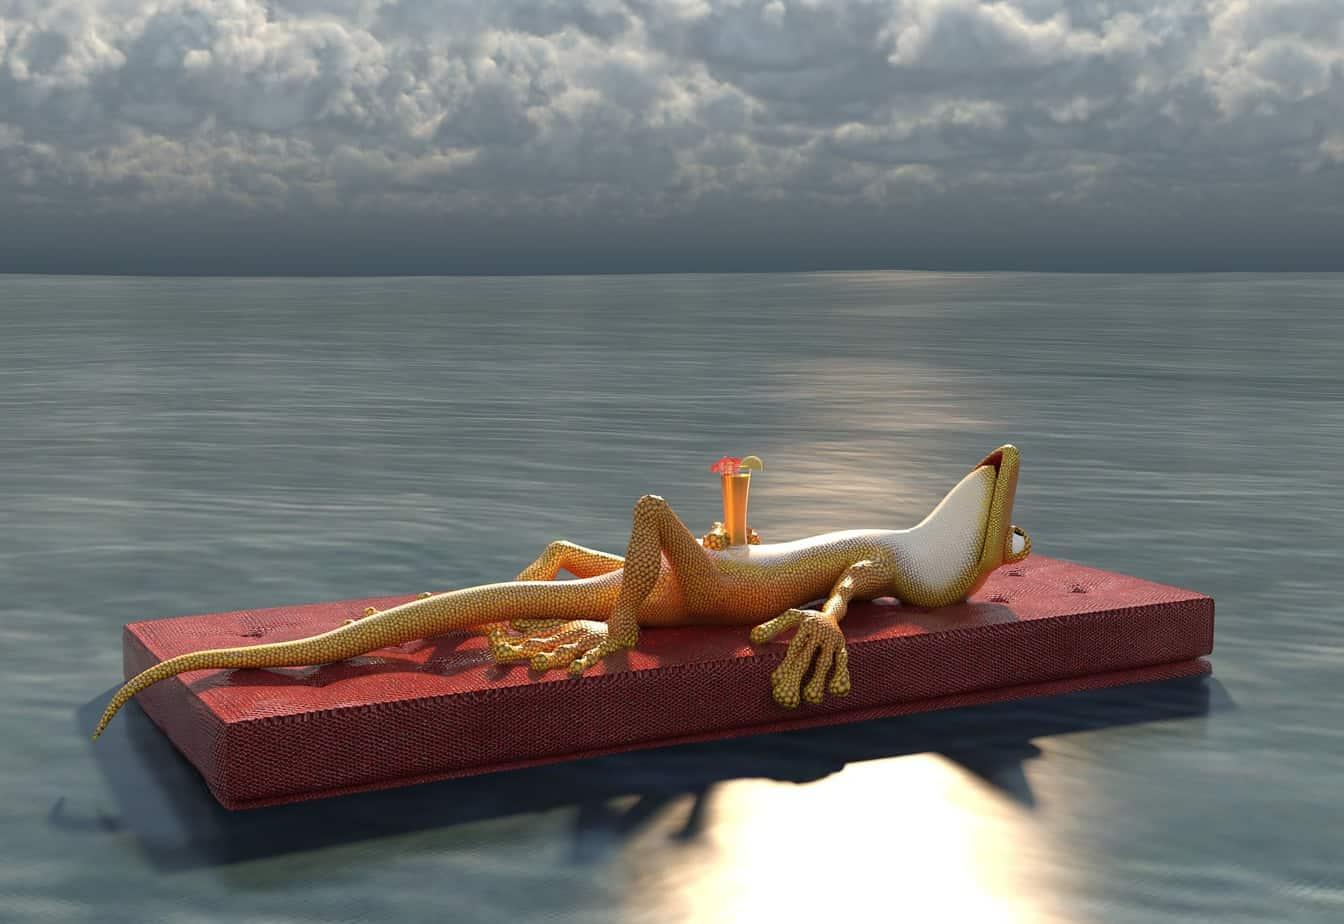 Frosch, See, Ausruhen, Wolken, Getränk, Relaxen, Luftmatratze, Feiertag, Tag der Arbeit